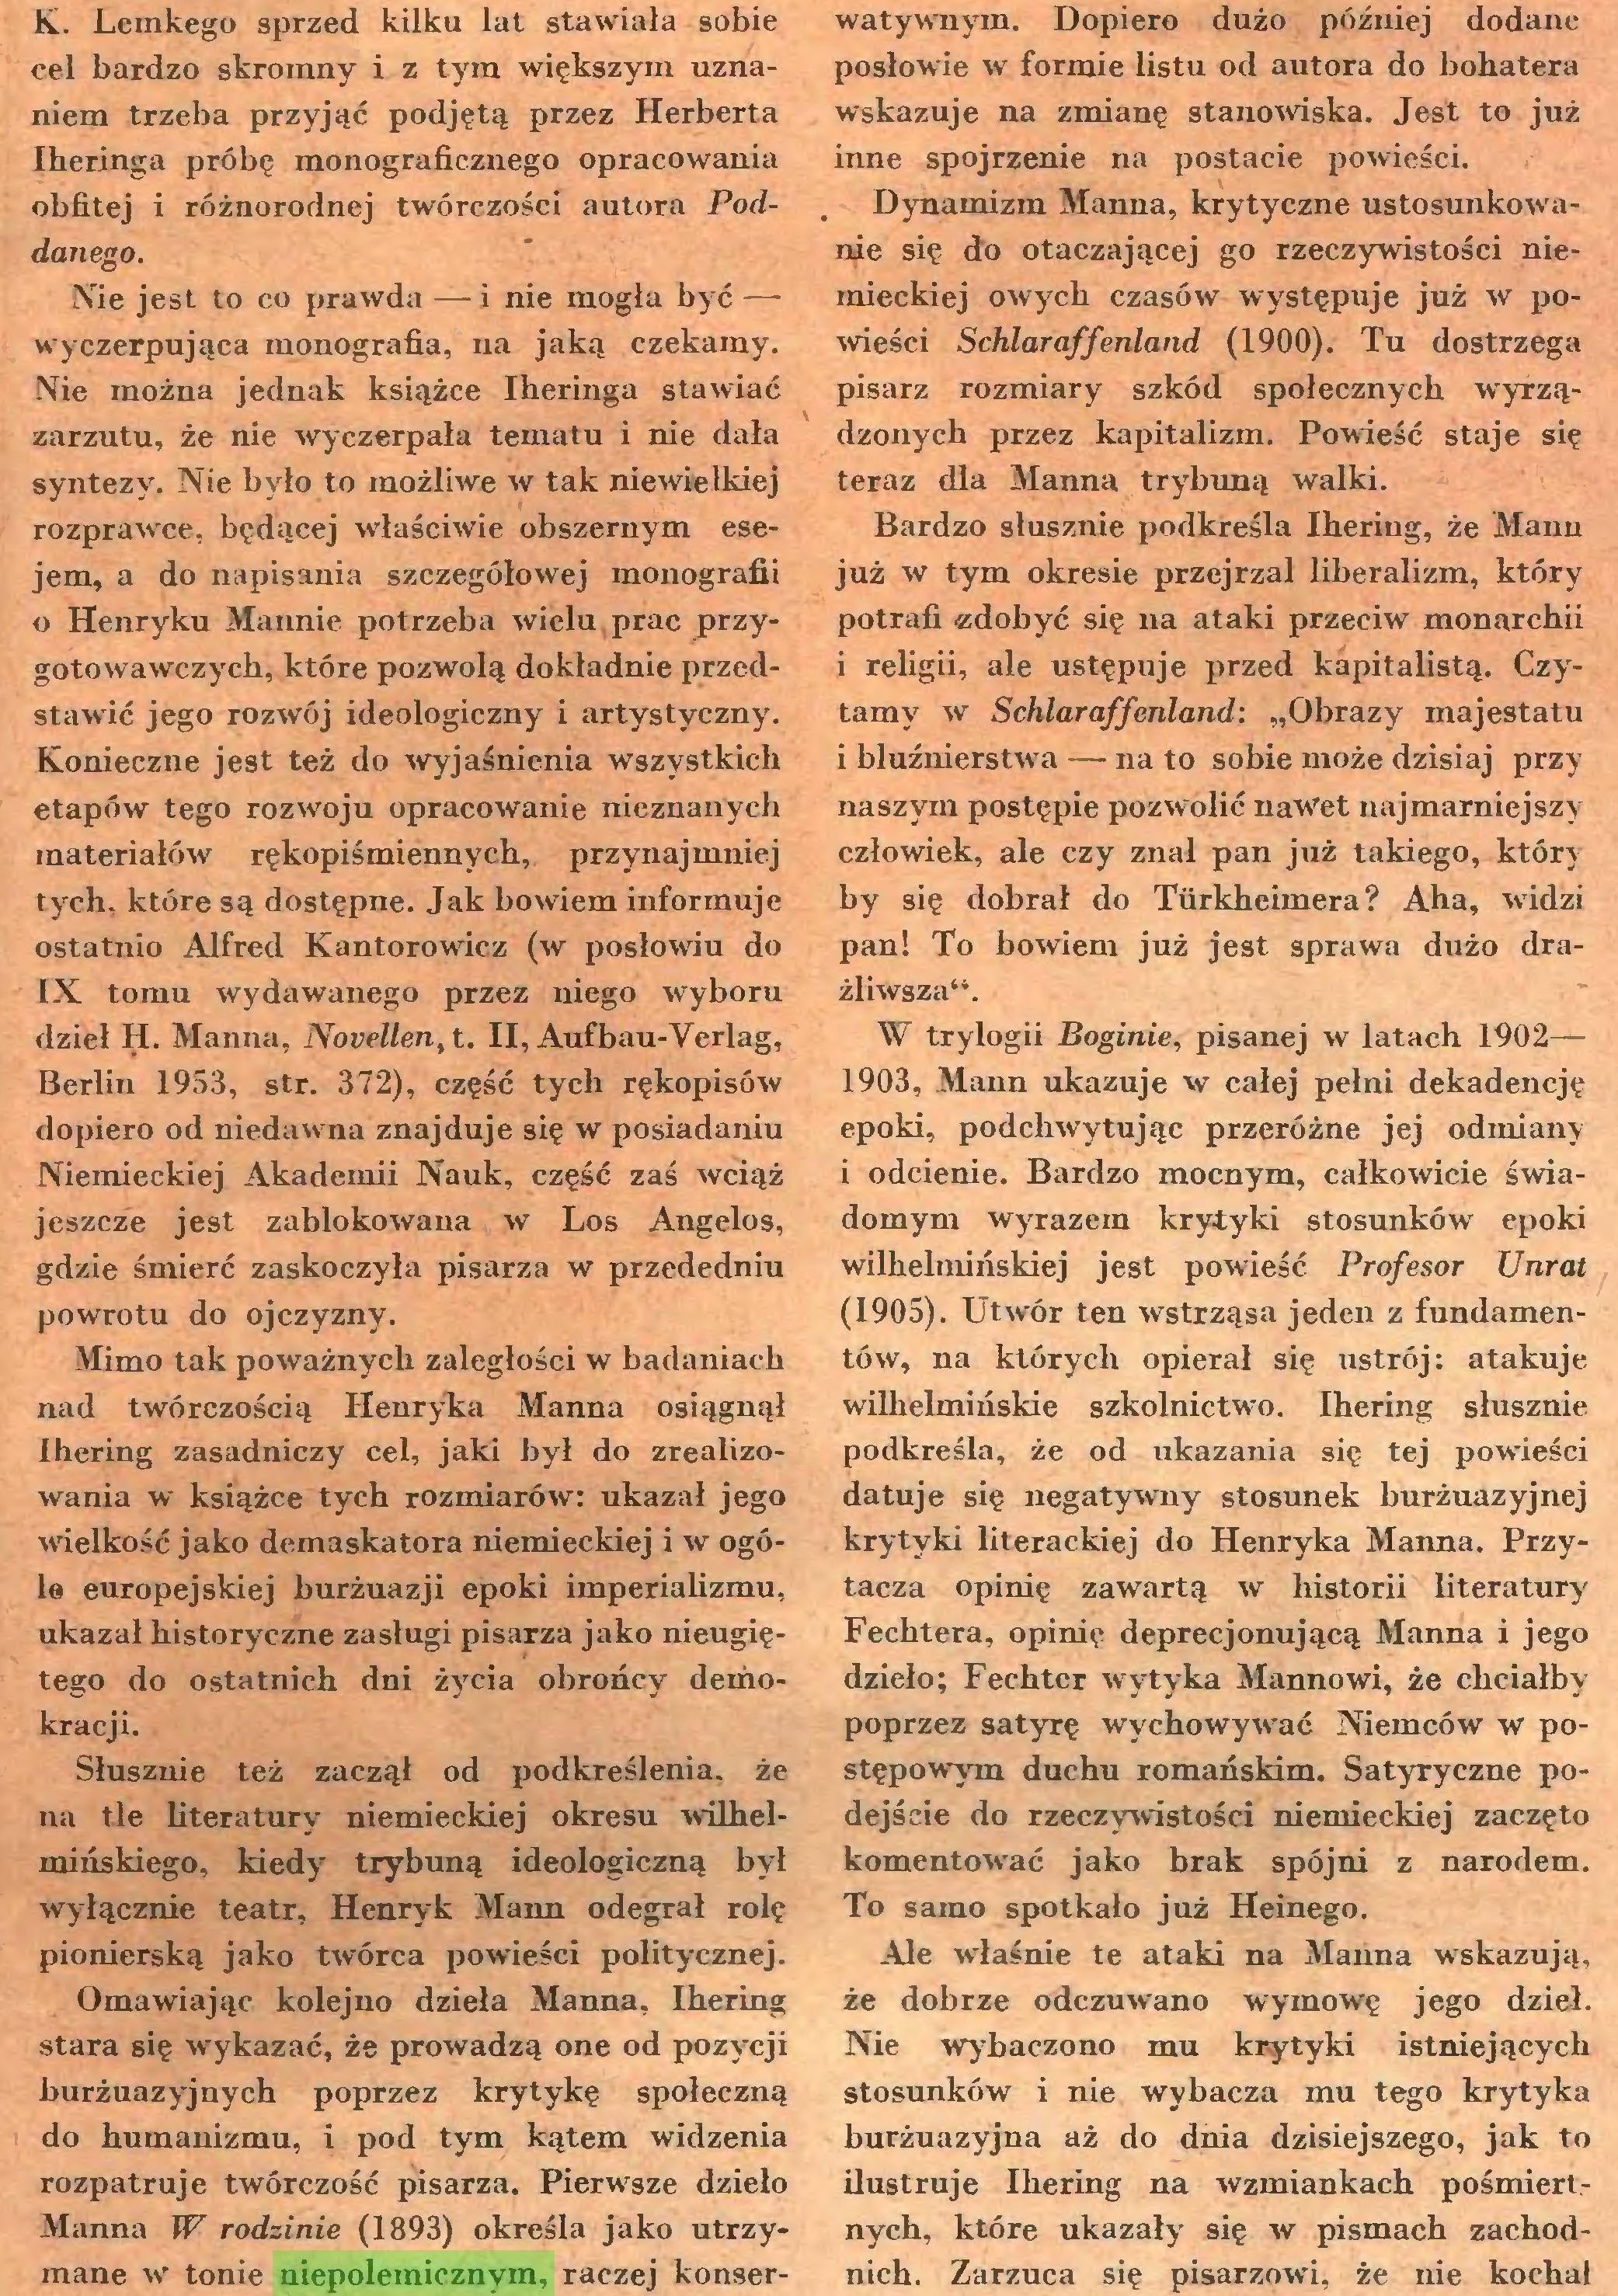 (...) Omawiając kolejno dzieła Manna, Ihering stara się wykazać, że prowadzą one od pozycji burżuazyjnych poprzez krytykę społeczną do humanizmu, i pod tym kątem widzenia rozpatruje twórczość pisarza. Pierwsze dzieło Manna W rodzinie (1893) określa jako utrzymane w tonie niepolemicznym, raczej konser¬ watywnym. Dopiero dużo później dodane posłowie w formie listu od autora do bohatera wskazuje na zmianę stanowiska. Jest to już inne spojrzenie na postacie powieści...